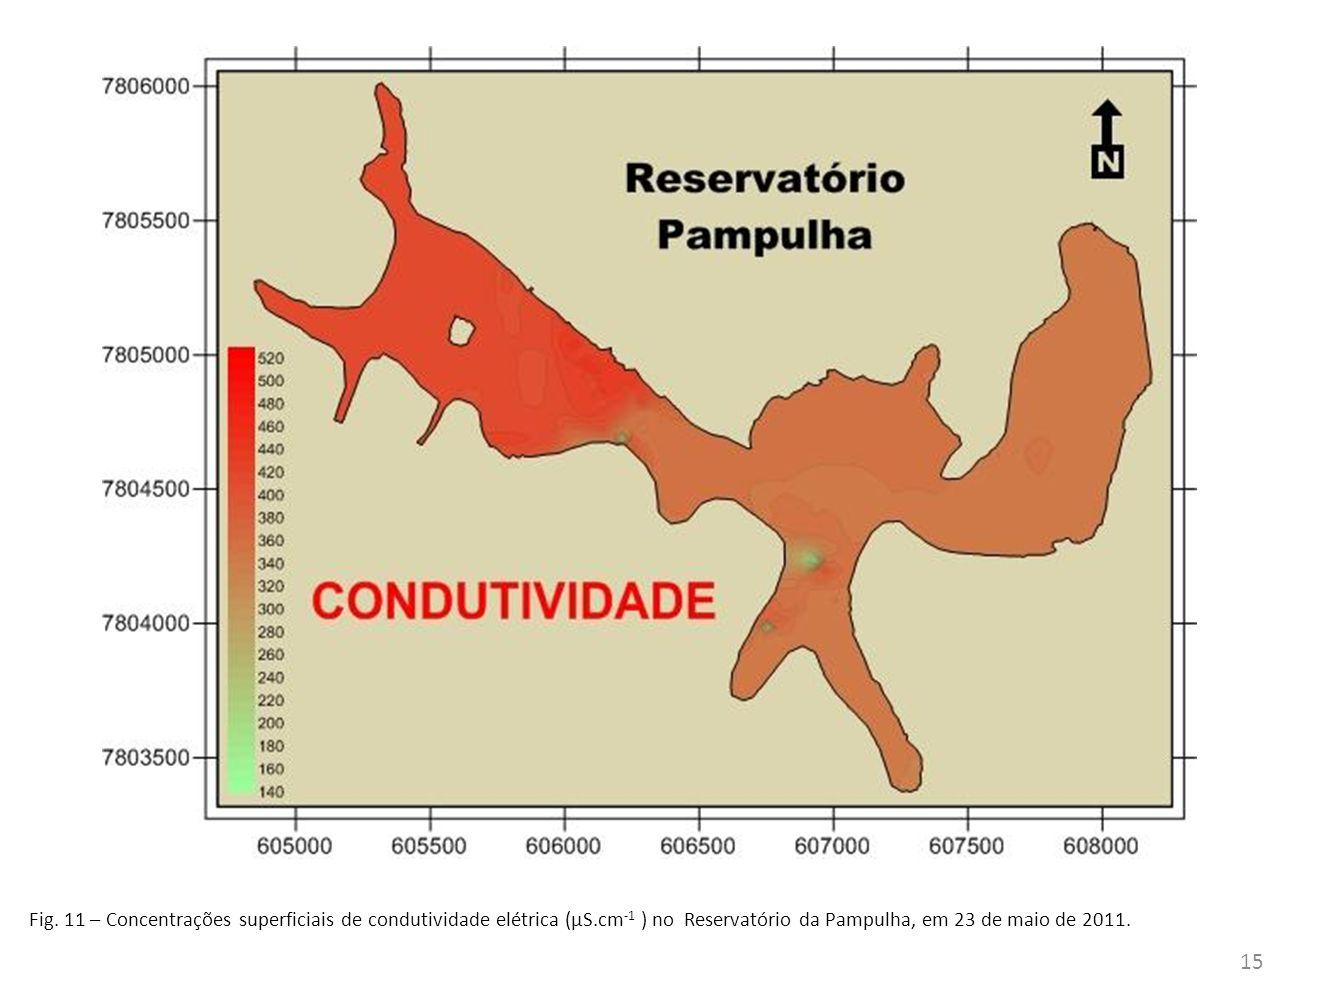 Fig. 11 – Concentrações superficiais de condutividade elétrica (µS.cm -1 ) no Reservatório da Pampulha, em 23 de maio de 2011. 15